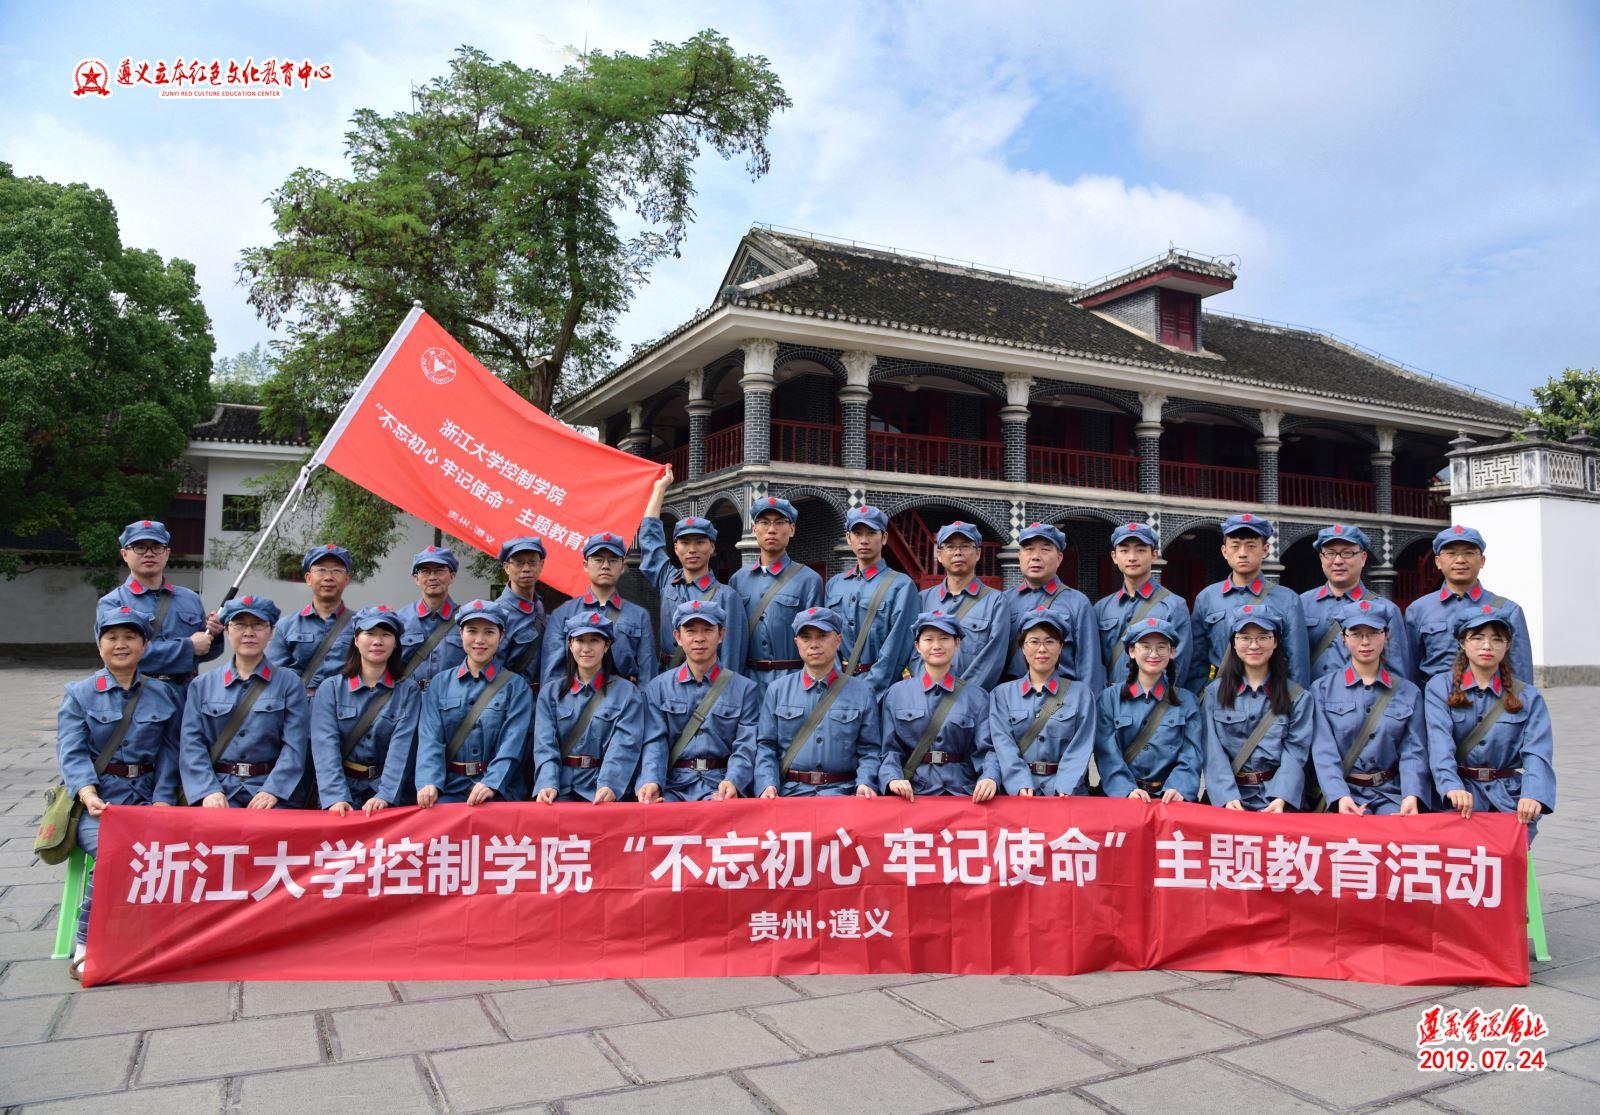 浙江大学控制学院开展主题教育培训